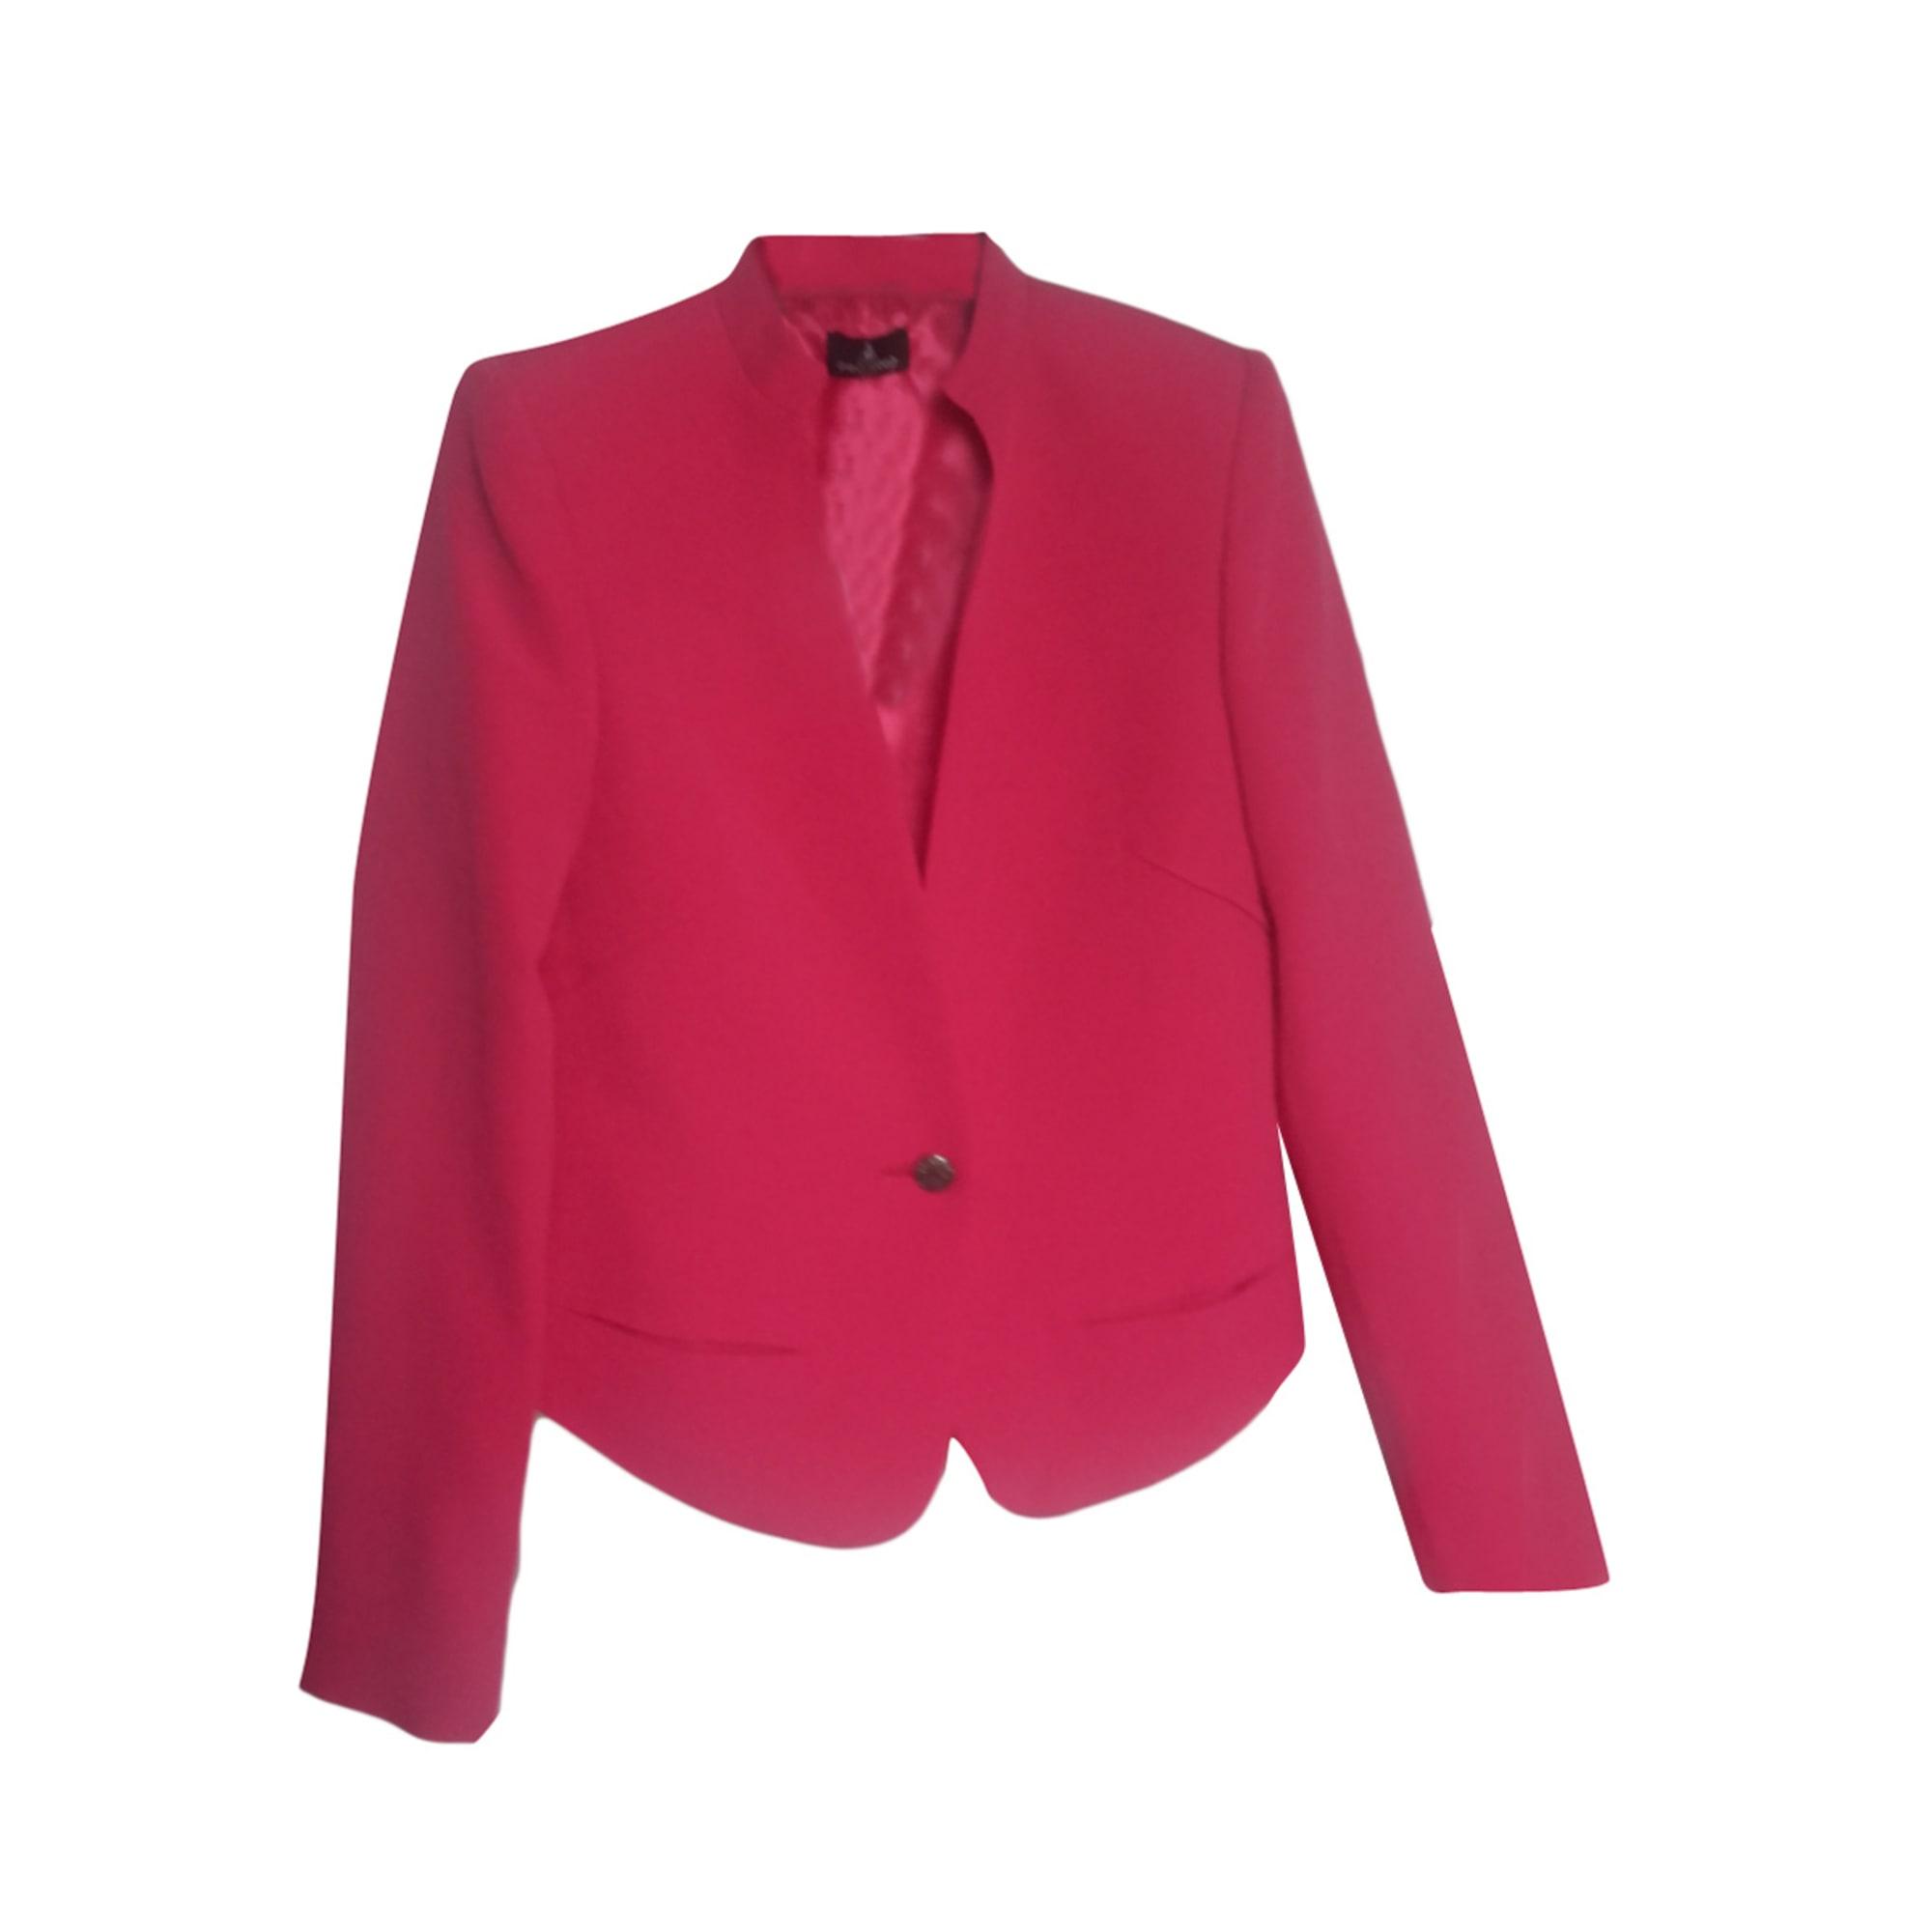 nouveau concept 50c48 12397 Blazer, veste tailleur